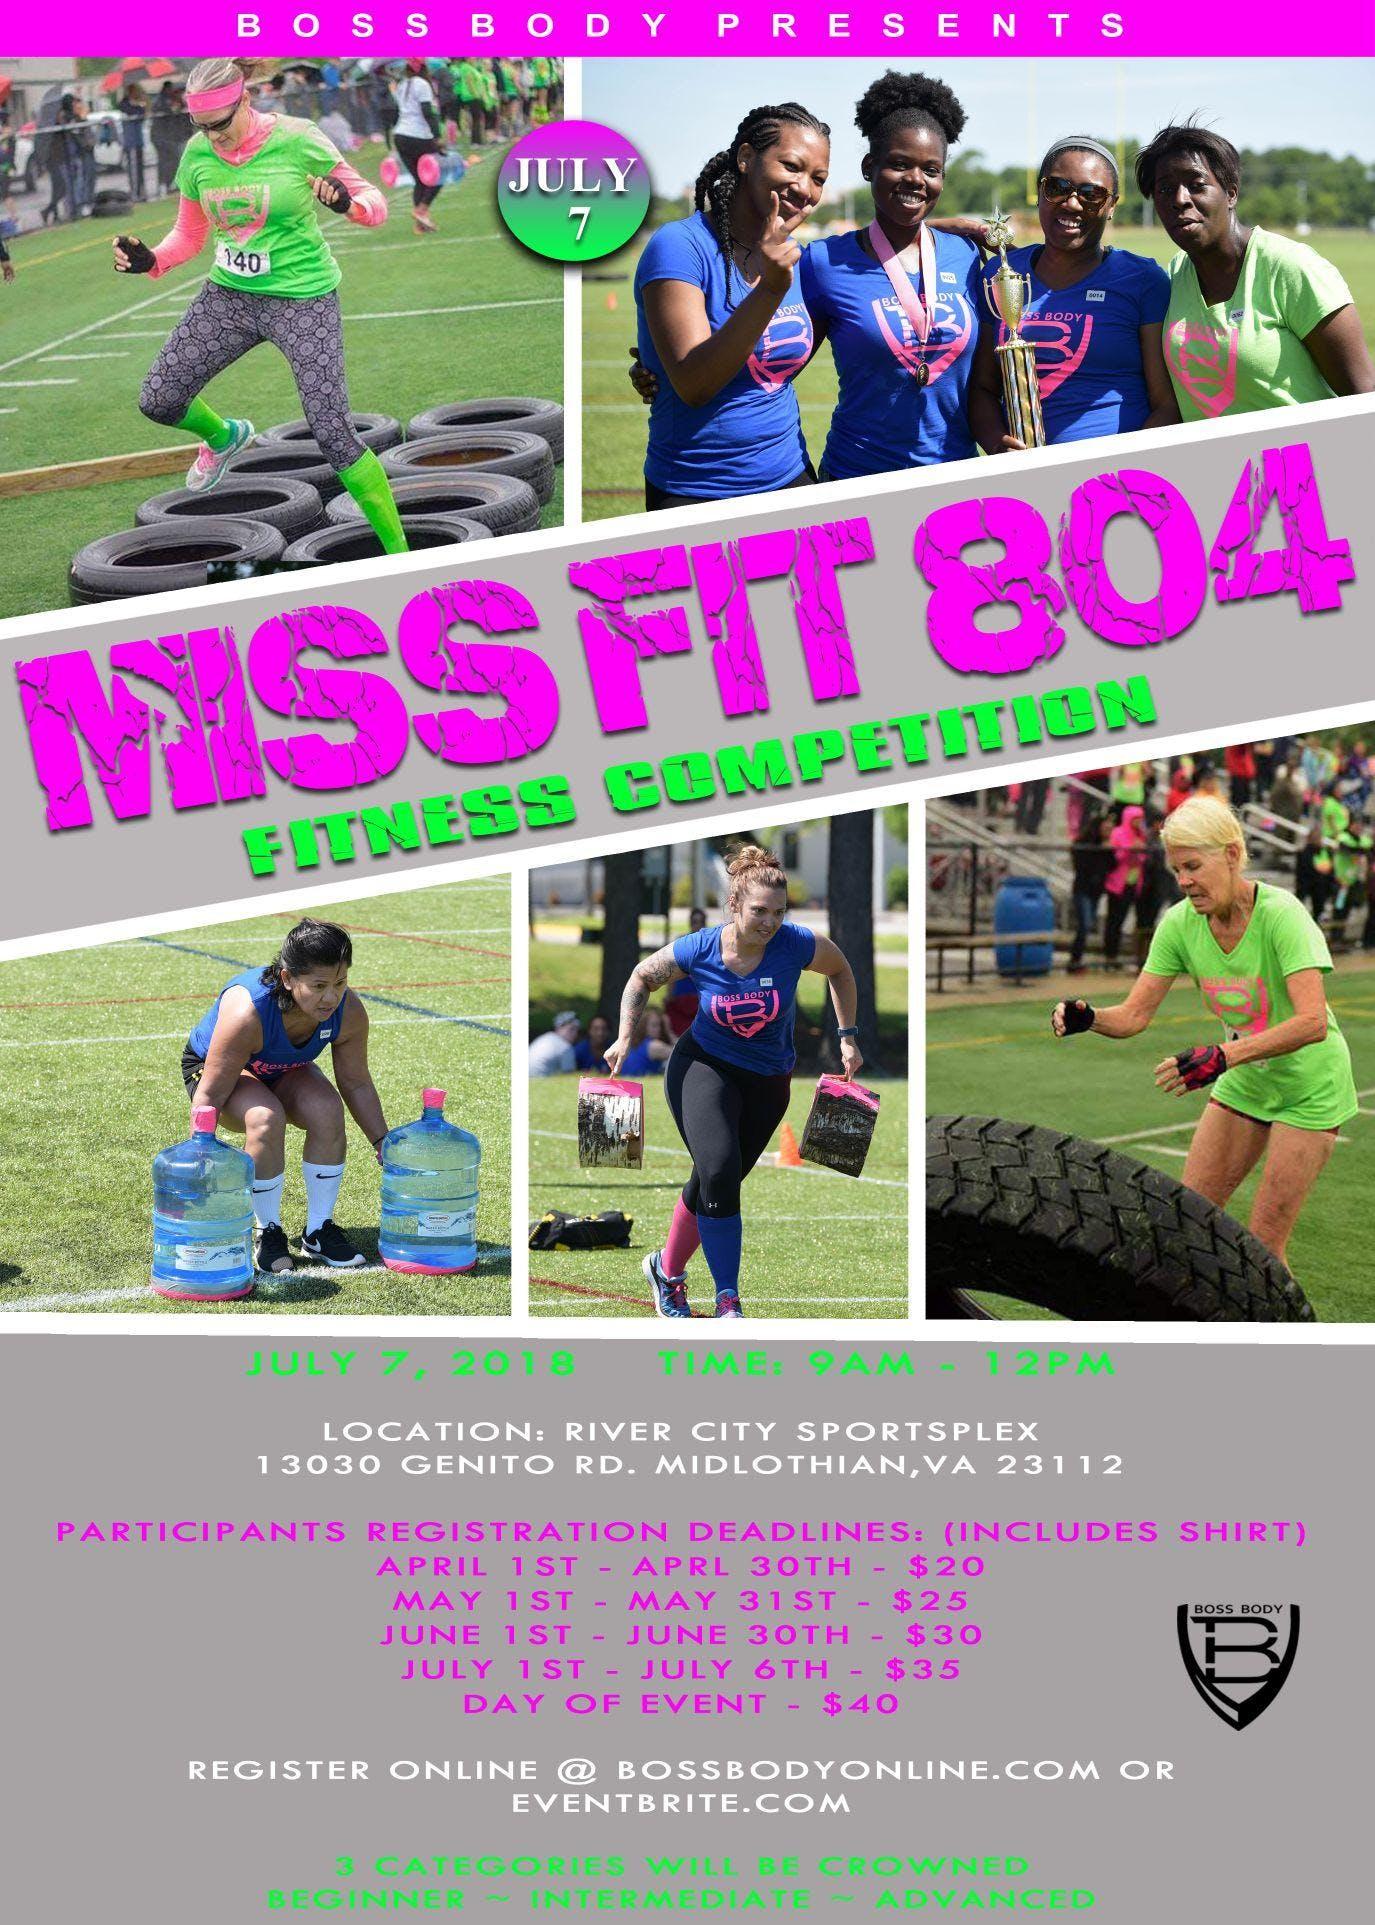 Miss Fit 804